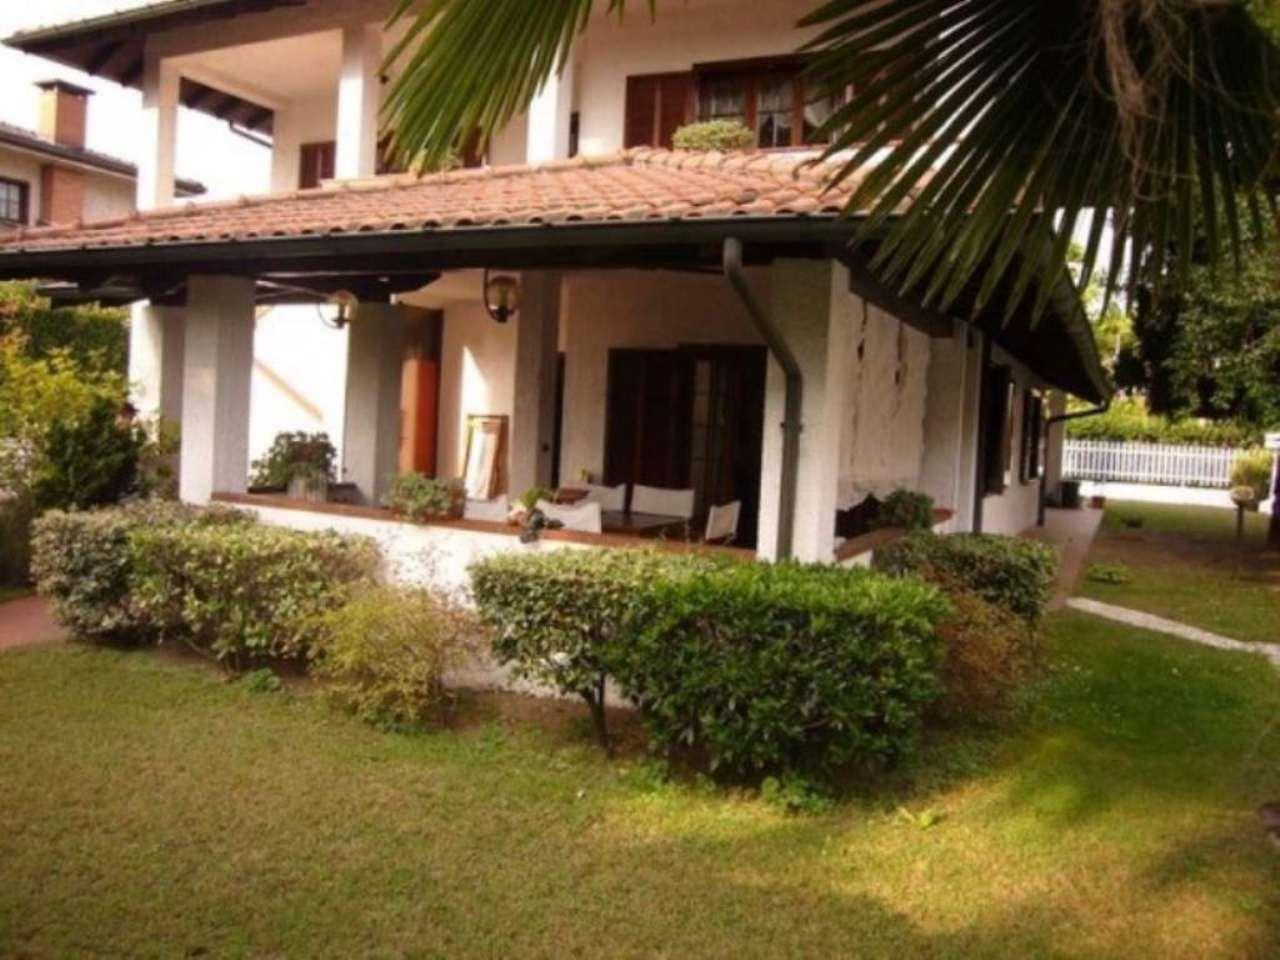 Villa in vendita a Sesto Calende, 5 locali, prezzo € 420.000 | CambioCasa.it